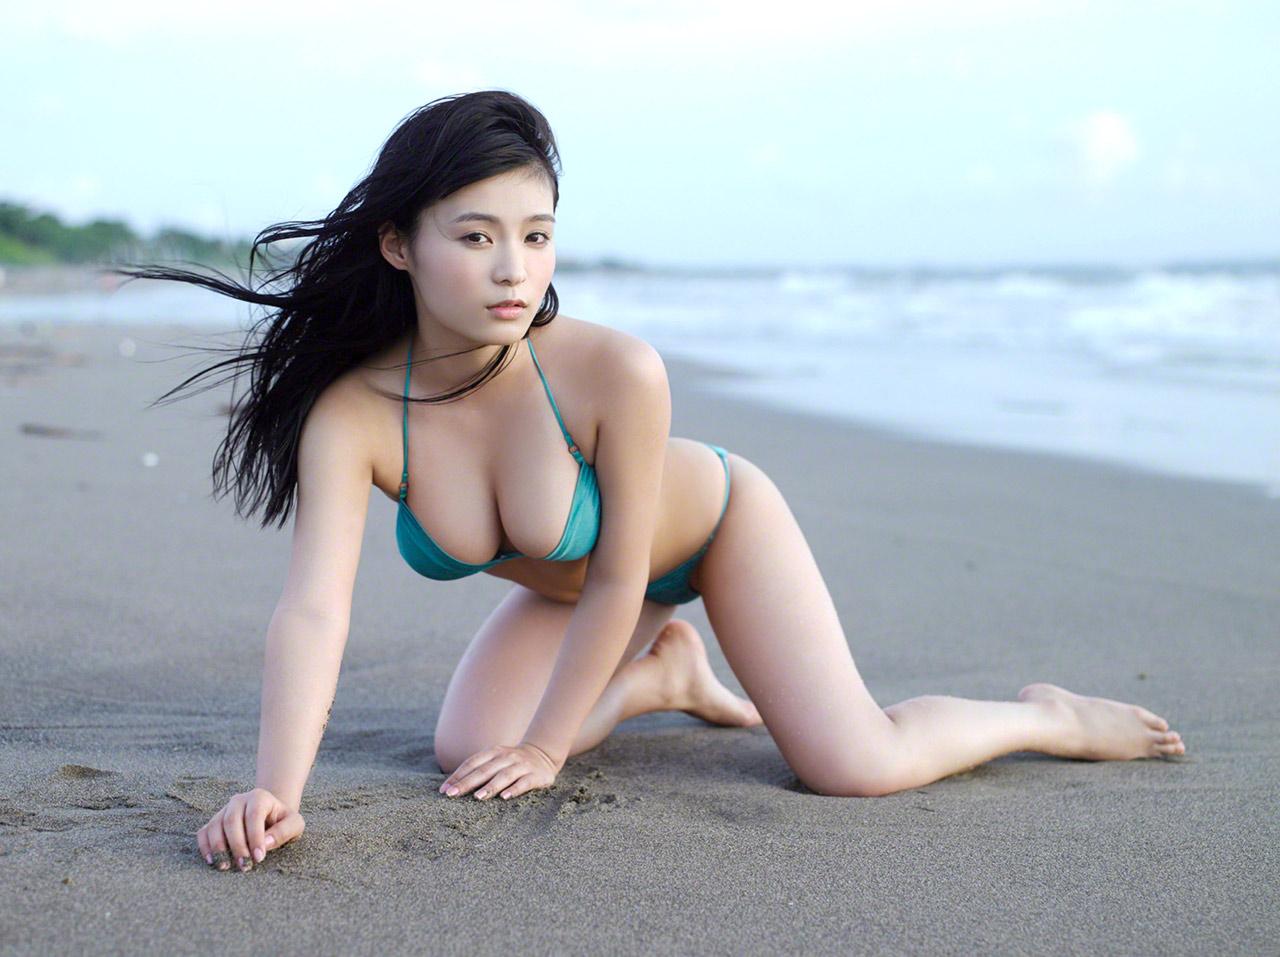 mizuki hoshina sexy bikini pics 04